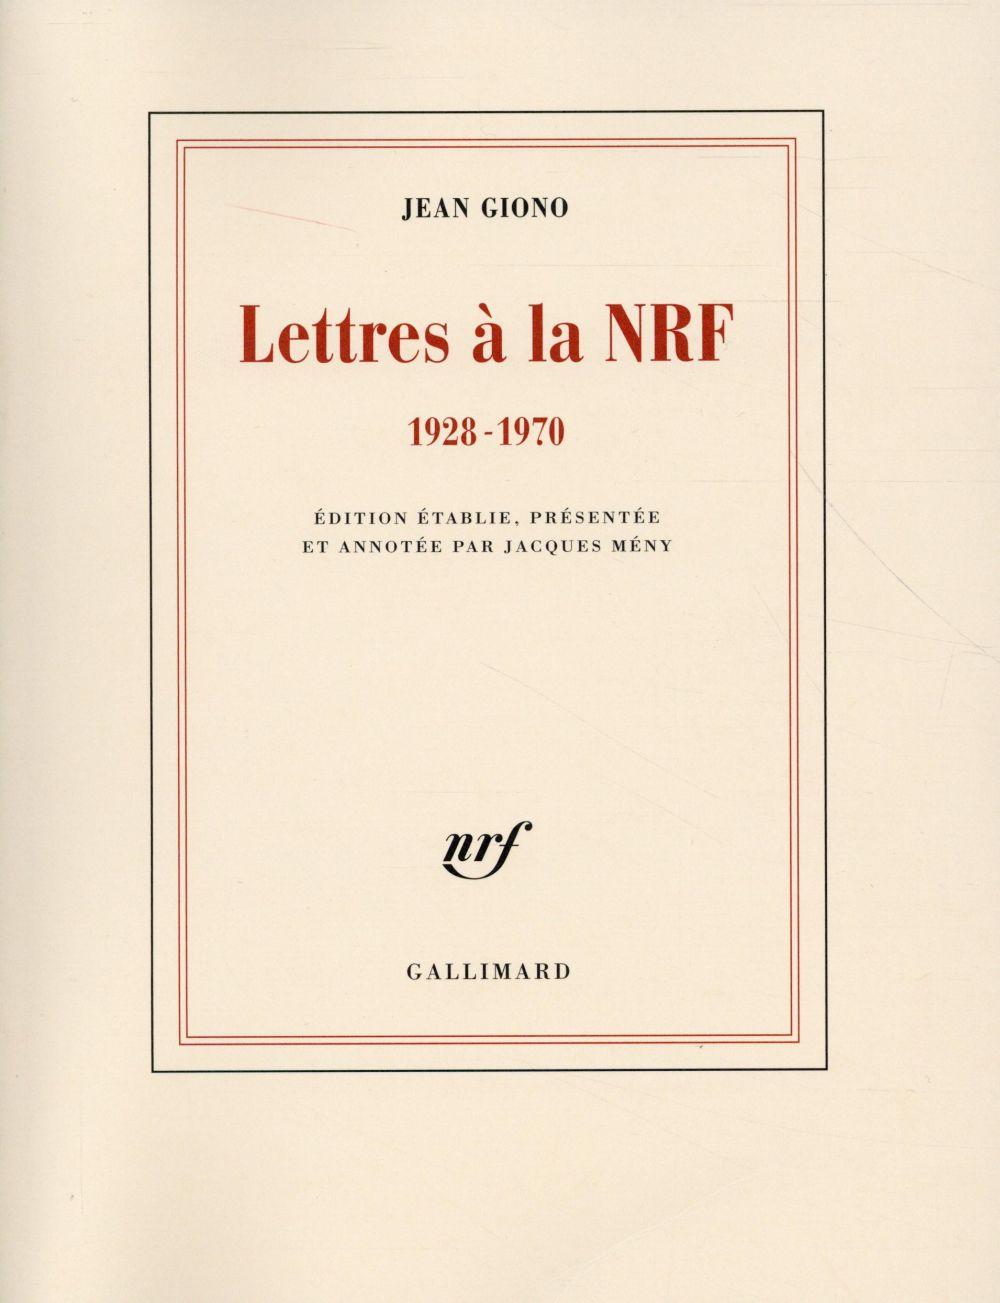 Lettres à la NRF